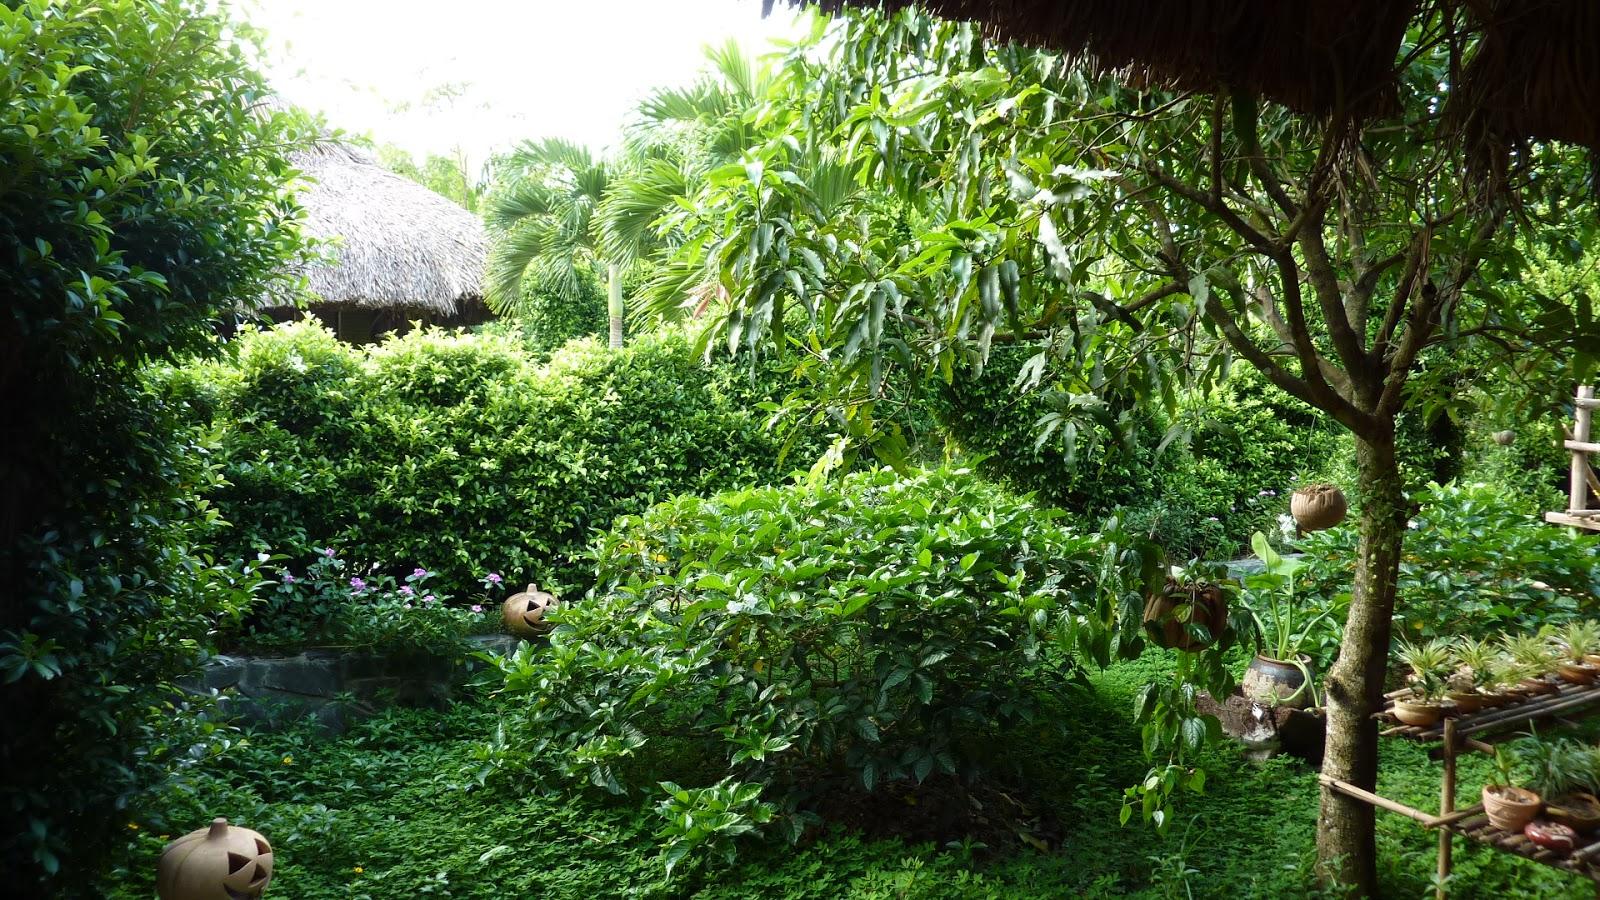 Petunialee garden of eden day 1 for Jardin of eden